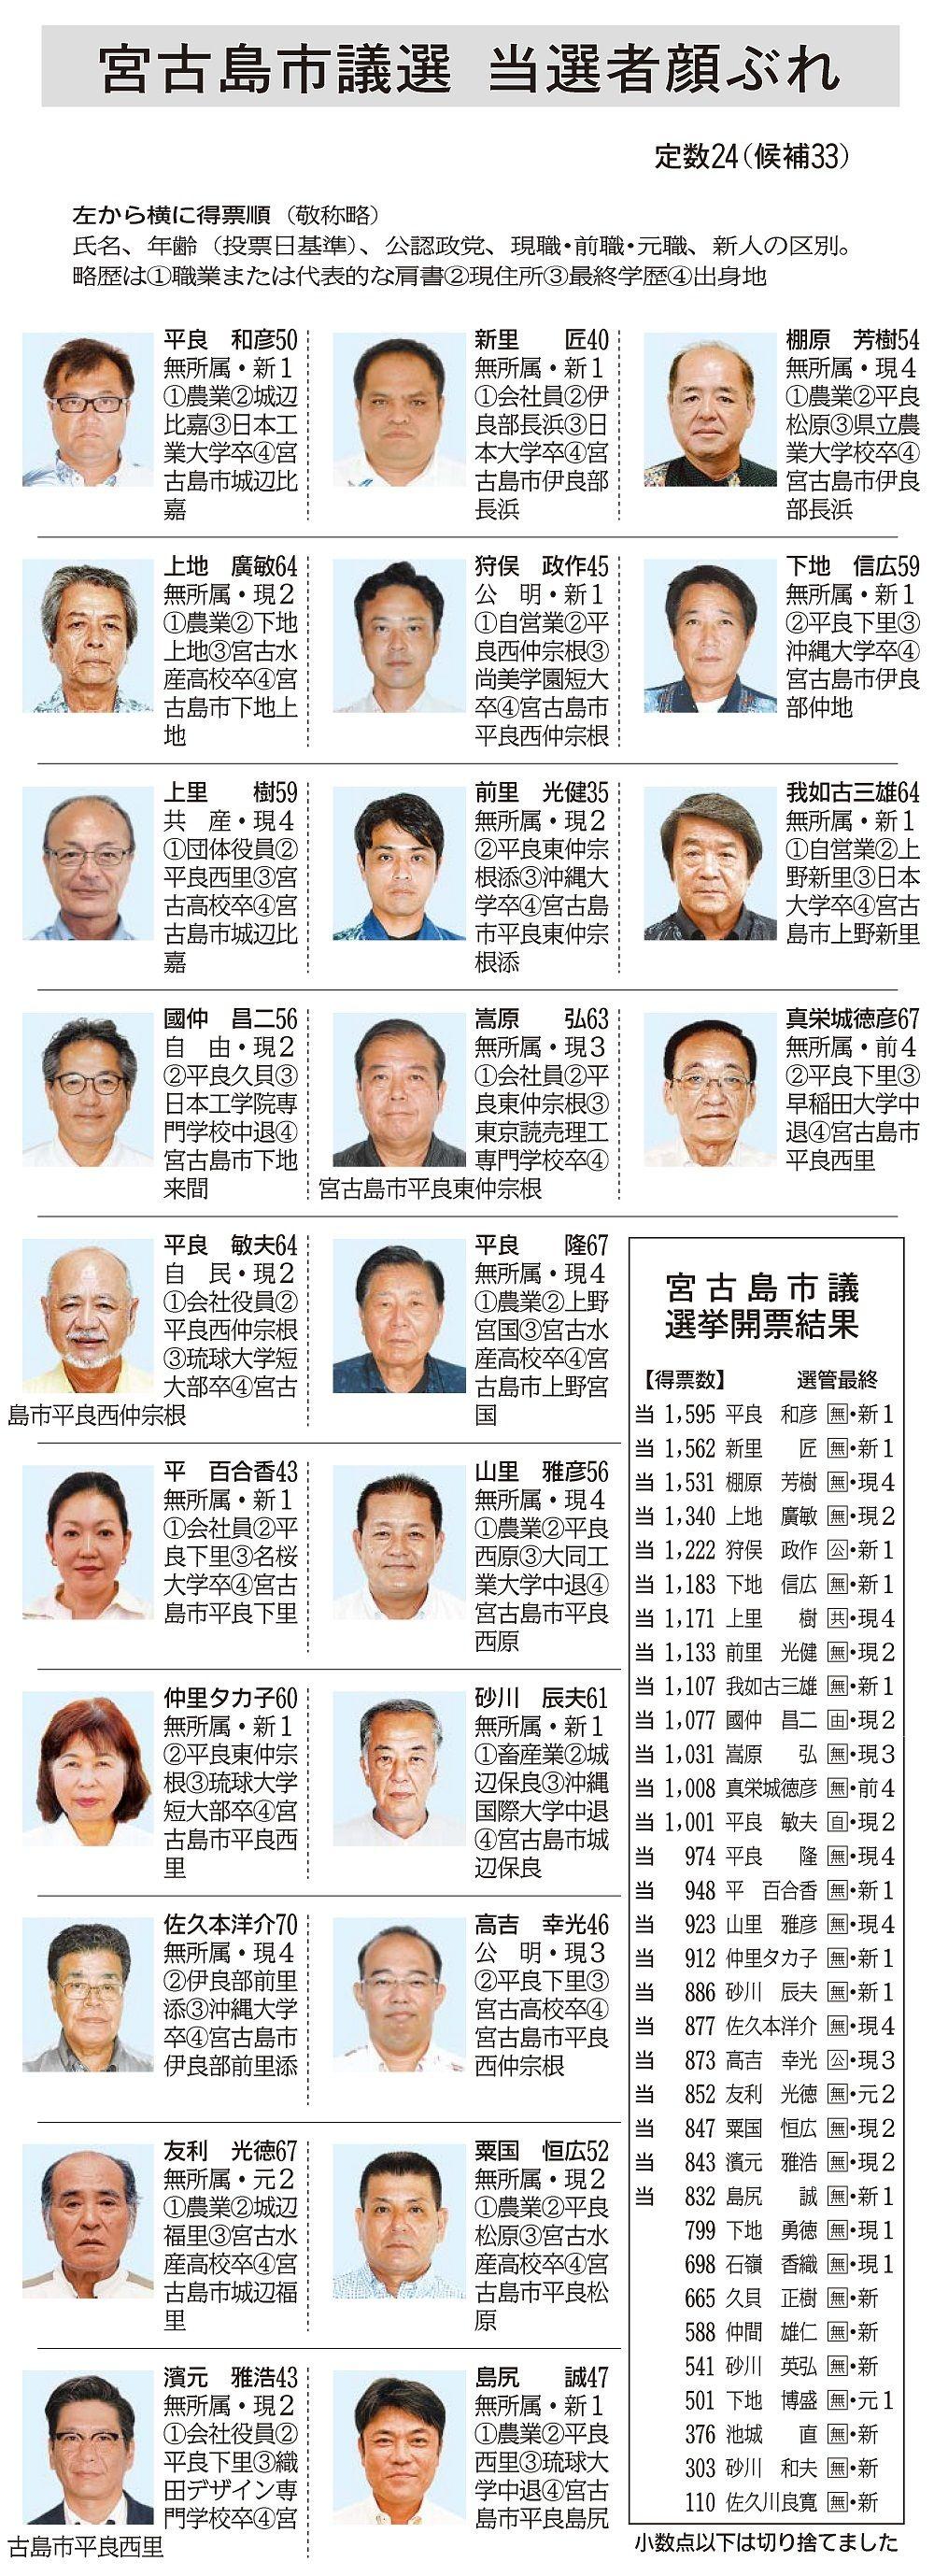 宮古島市議選:当選者の顔ぶれ